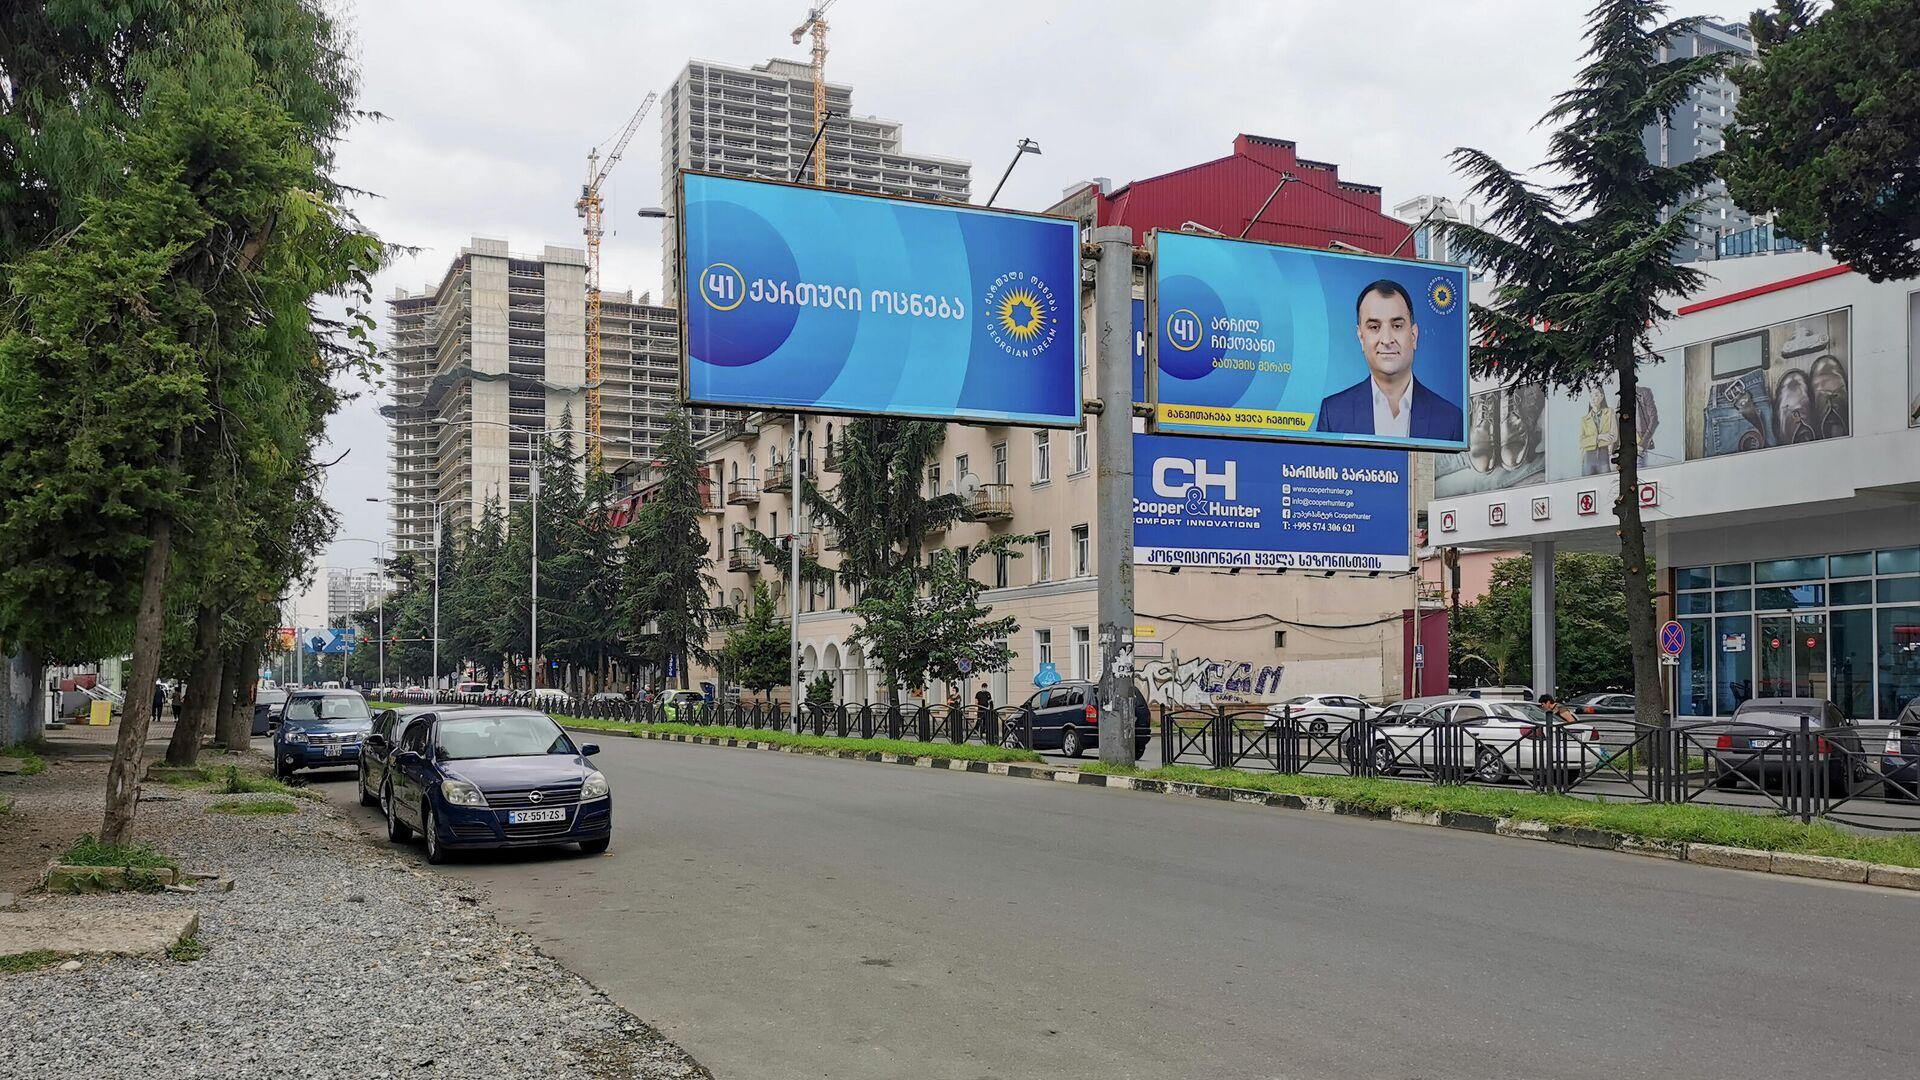 Предвыборные плакаты на улицах Батуми - баннер правящей партии Грузинская мечта - Sputnik Грузия, 1920, 01.09.2021